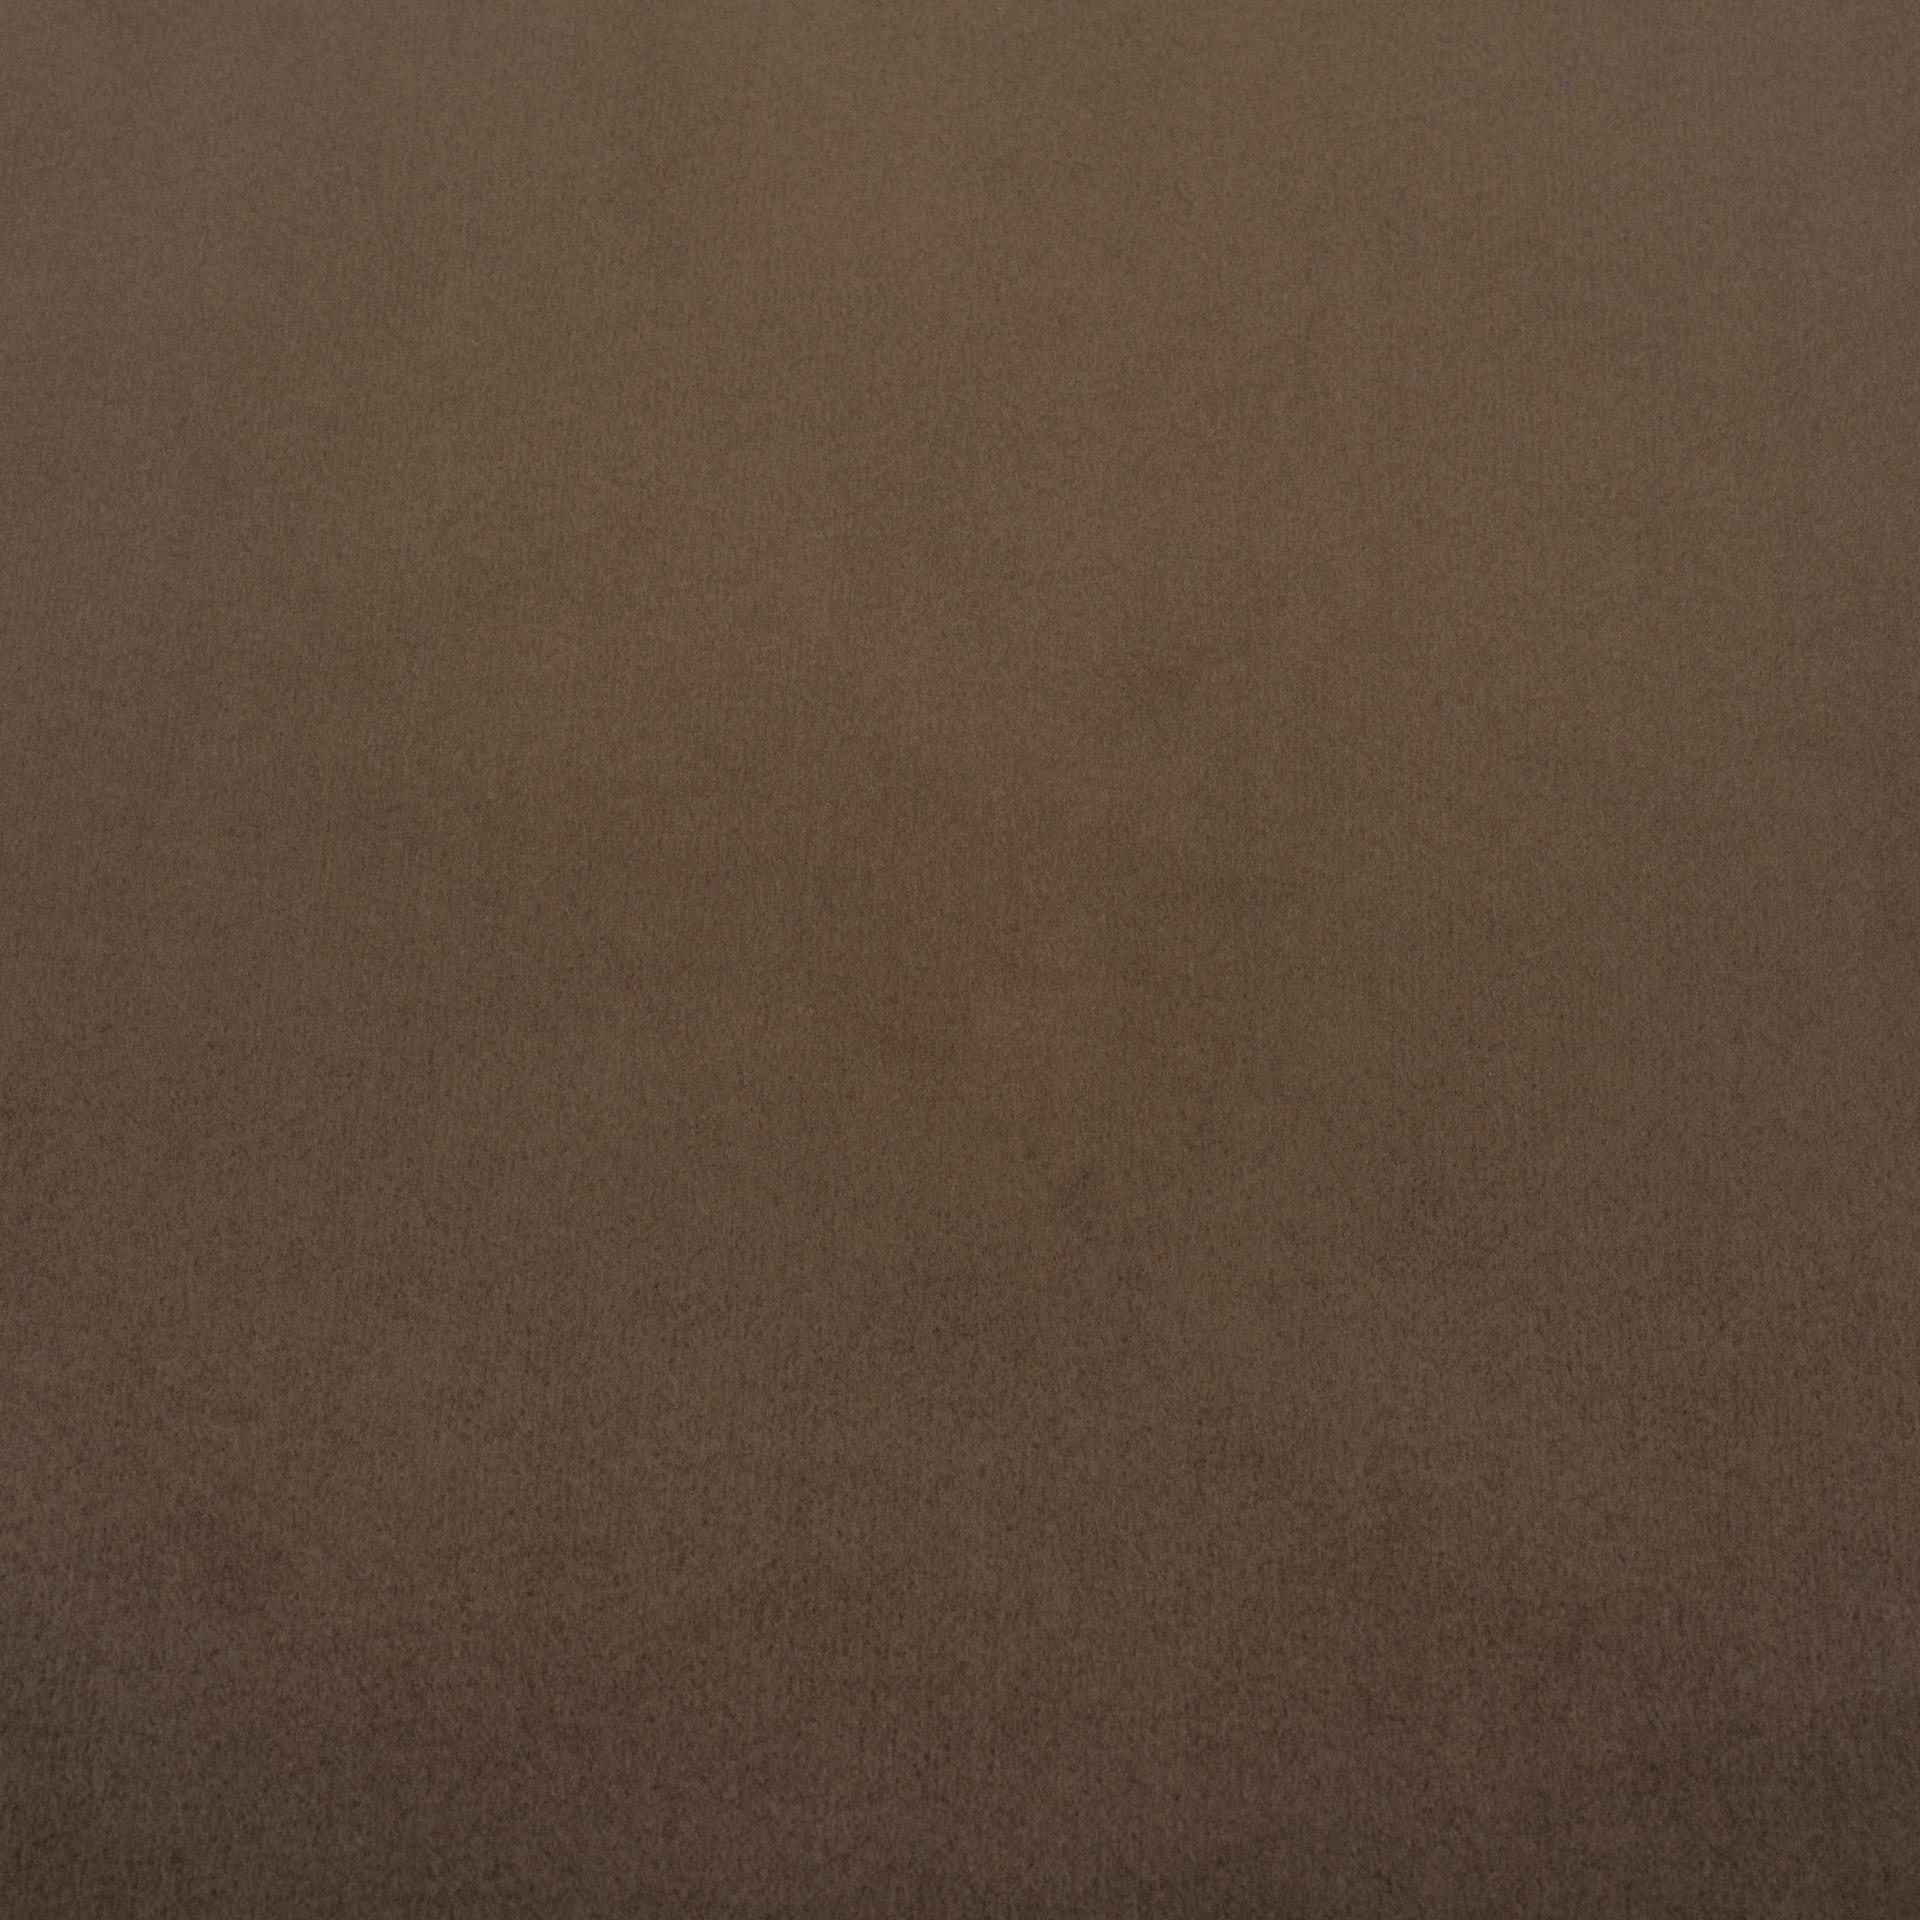 Коллекция ткани Багира 08 ASH BROWN,  купить ткань Велюр для мебели Украина